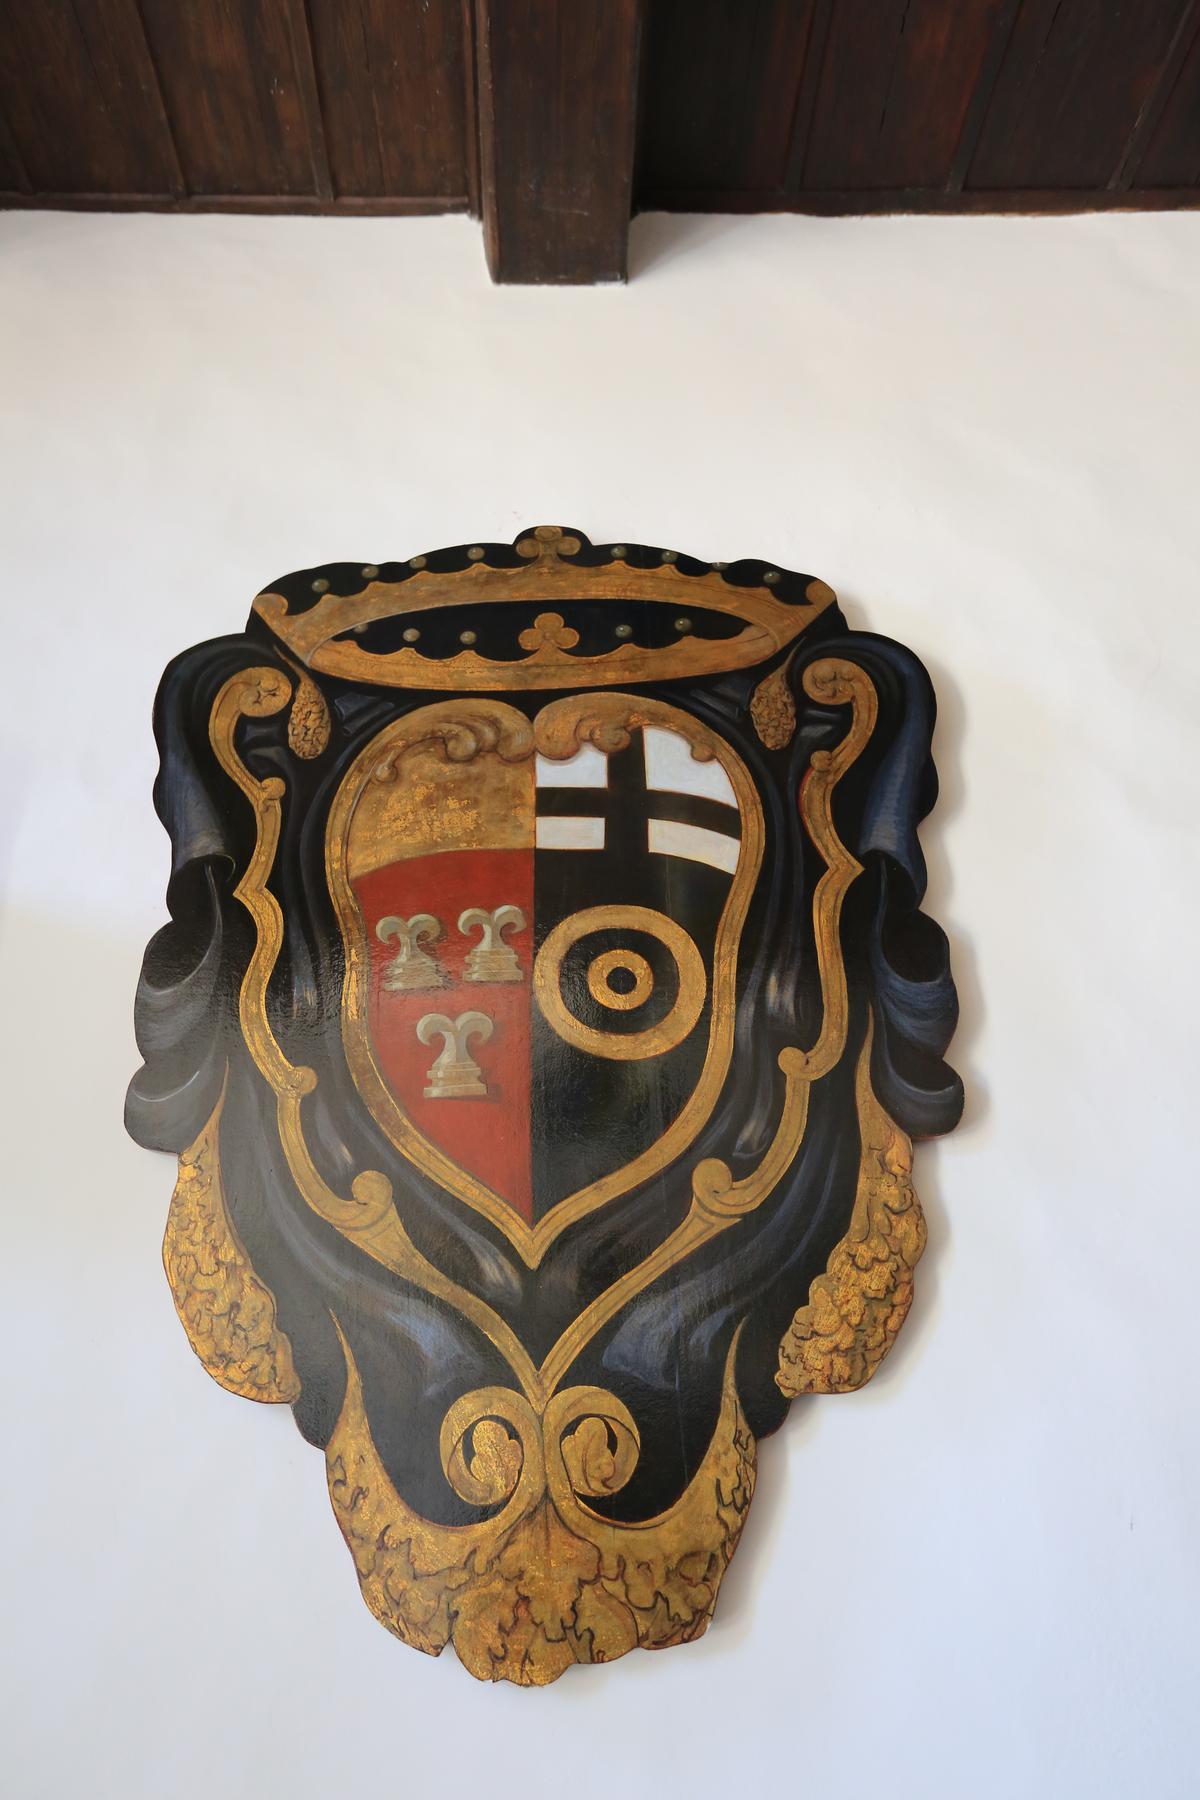 在「波密諾莊園」與「尼波扎諾莊園」均可見奧比奇家族與佛卡提家族的綜合家徽。